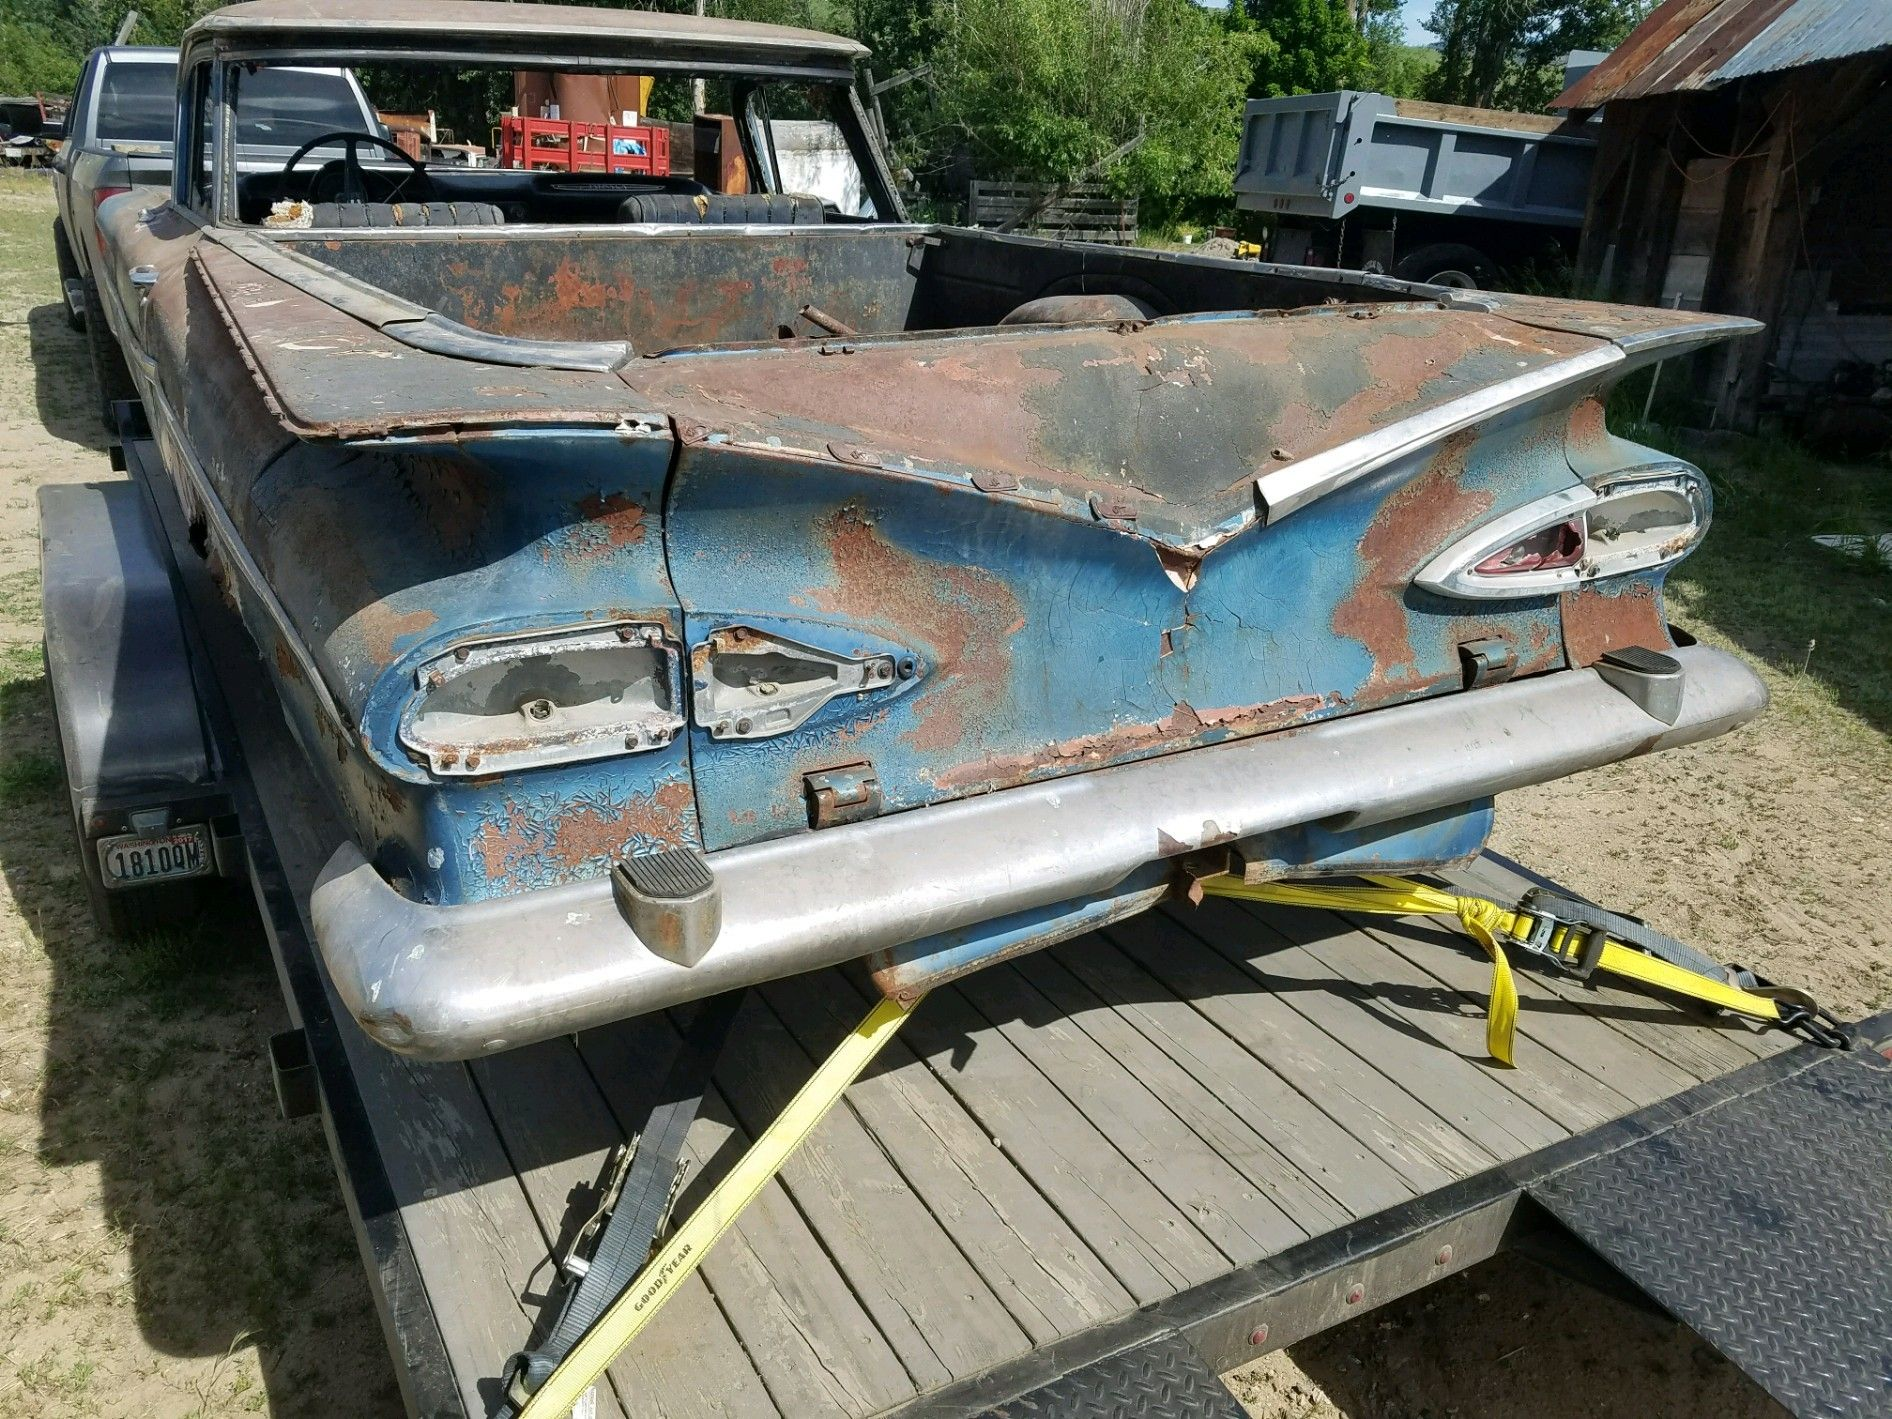 1959 El Camino parts car  Bumper steps! www the59source com